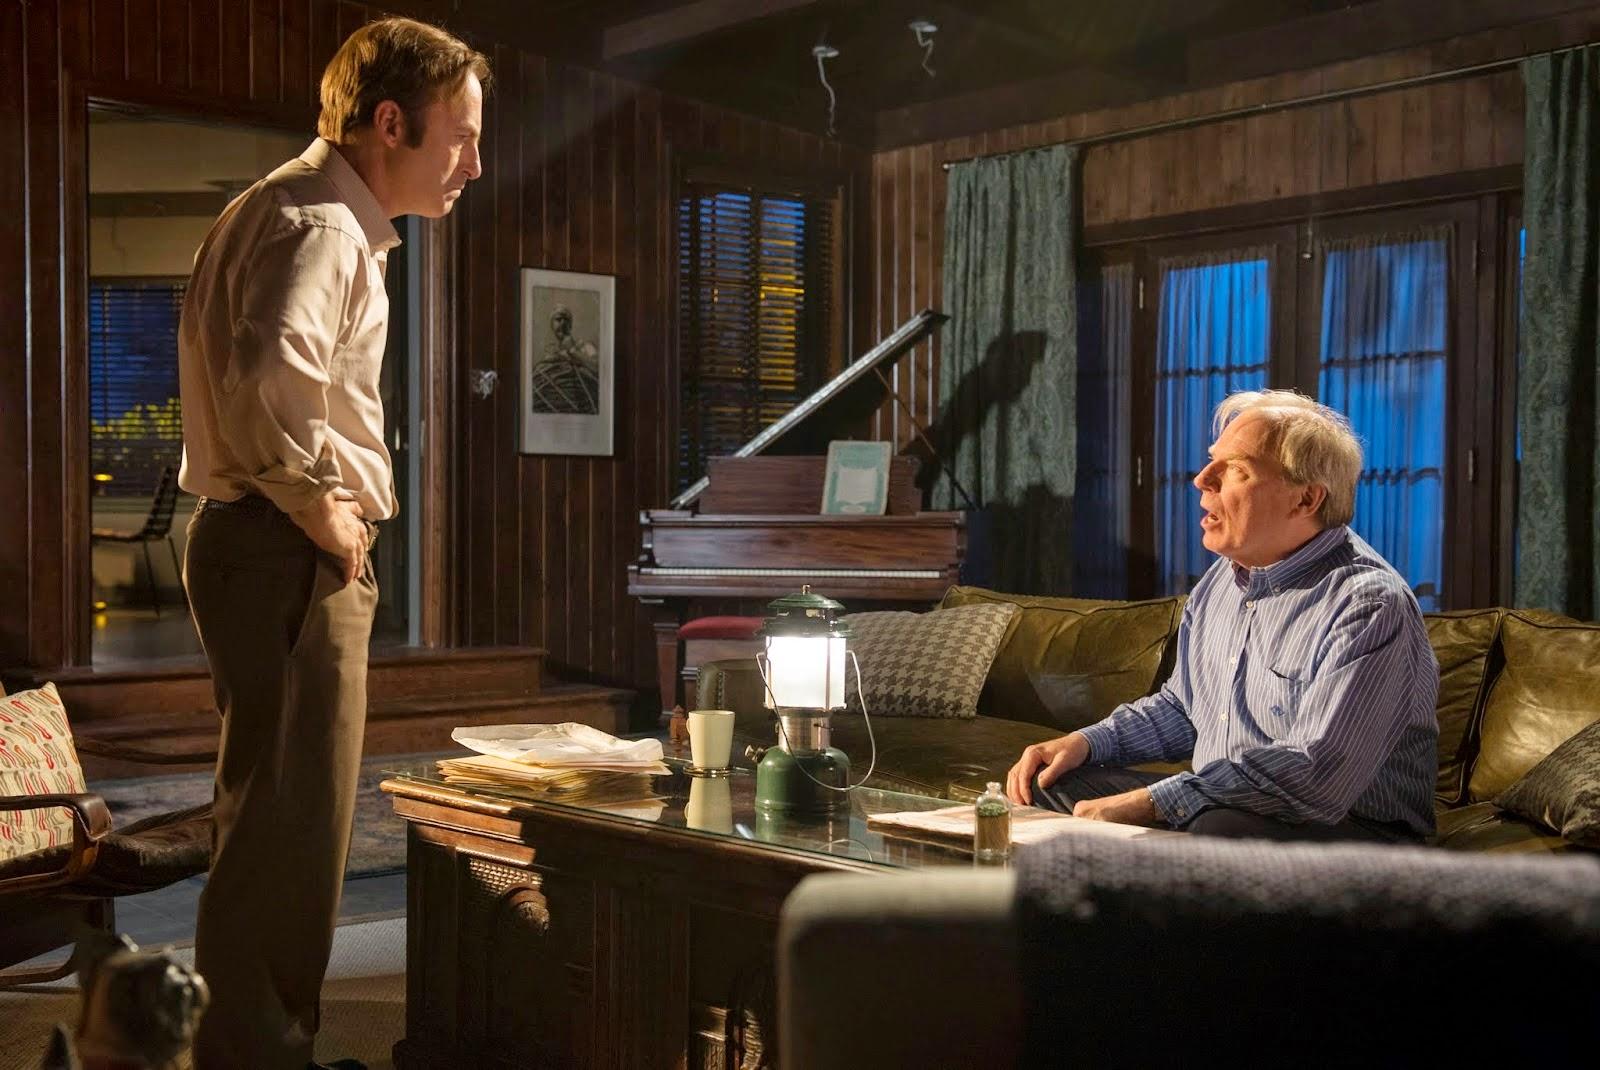 Divulgado Imagens promocionais e sinopse oficial de Better Call Saul